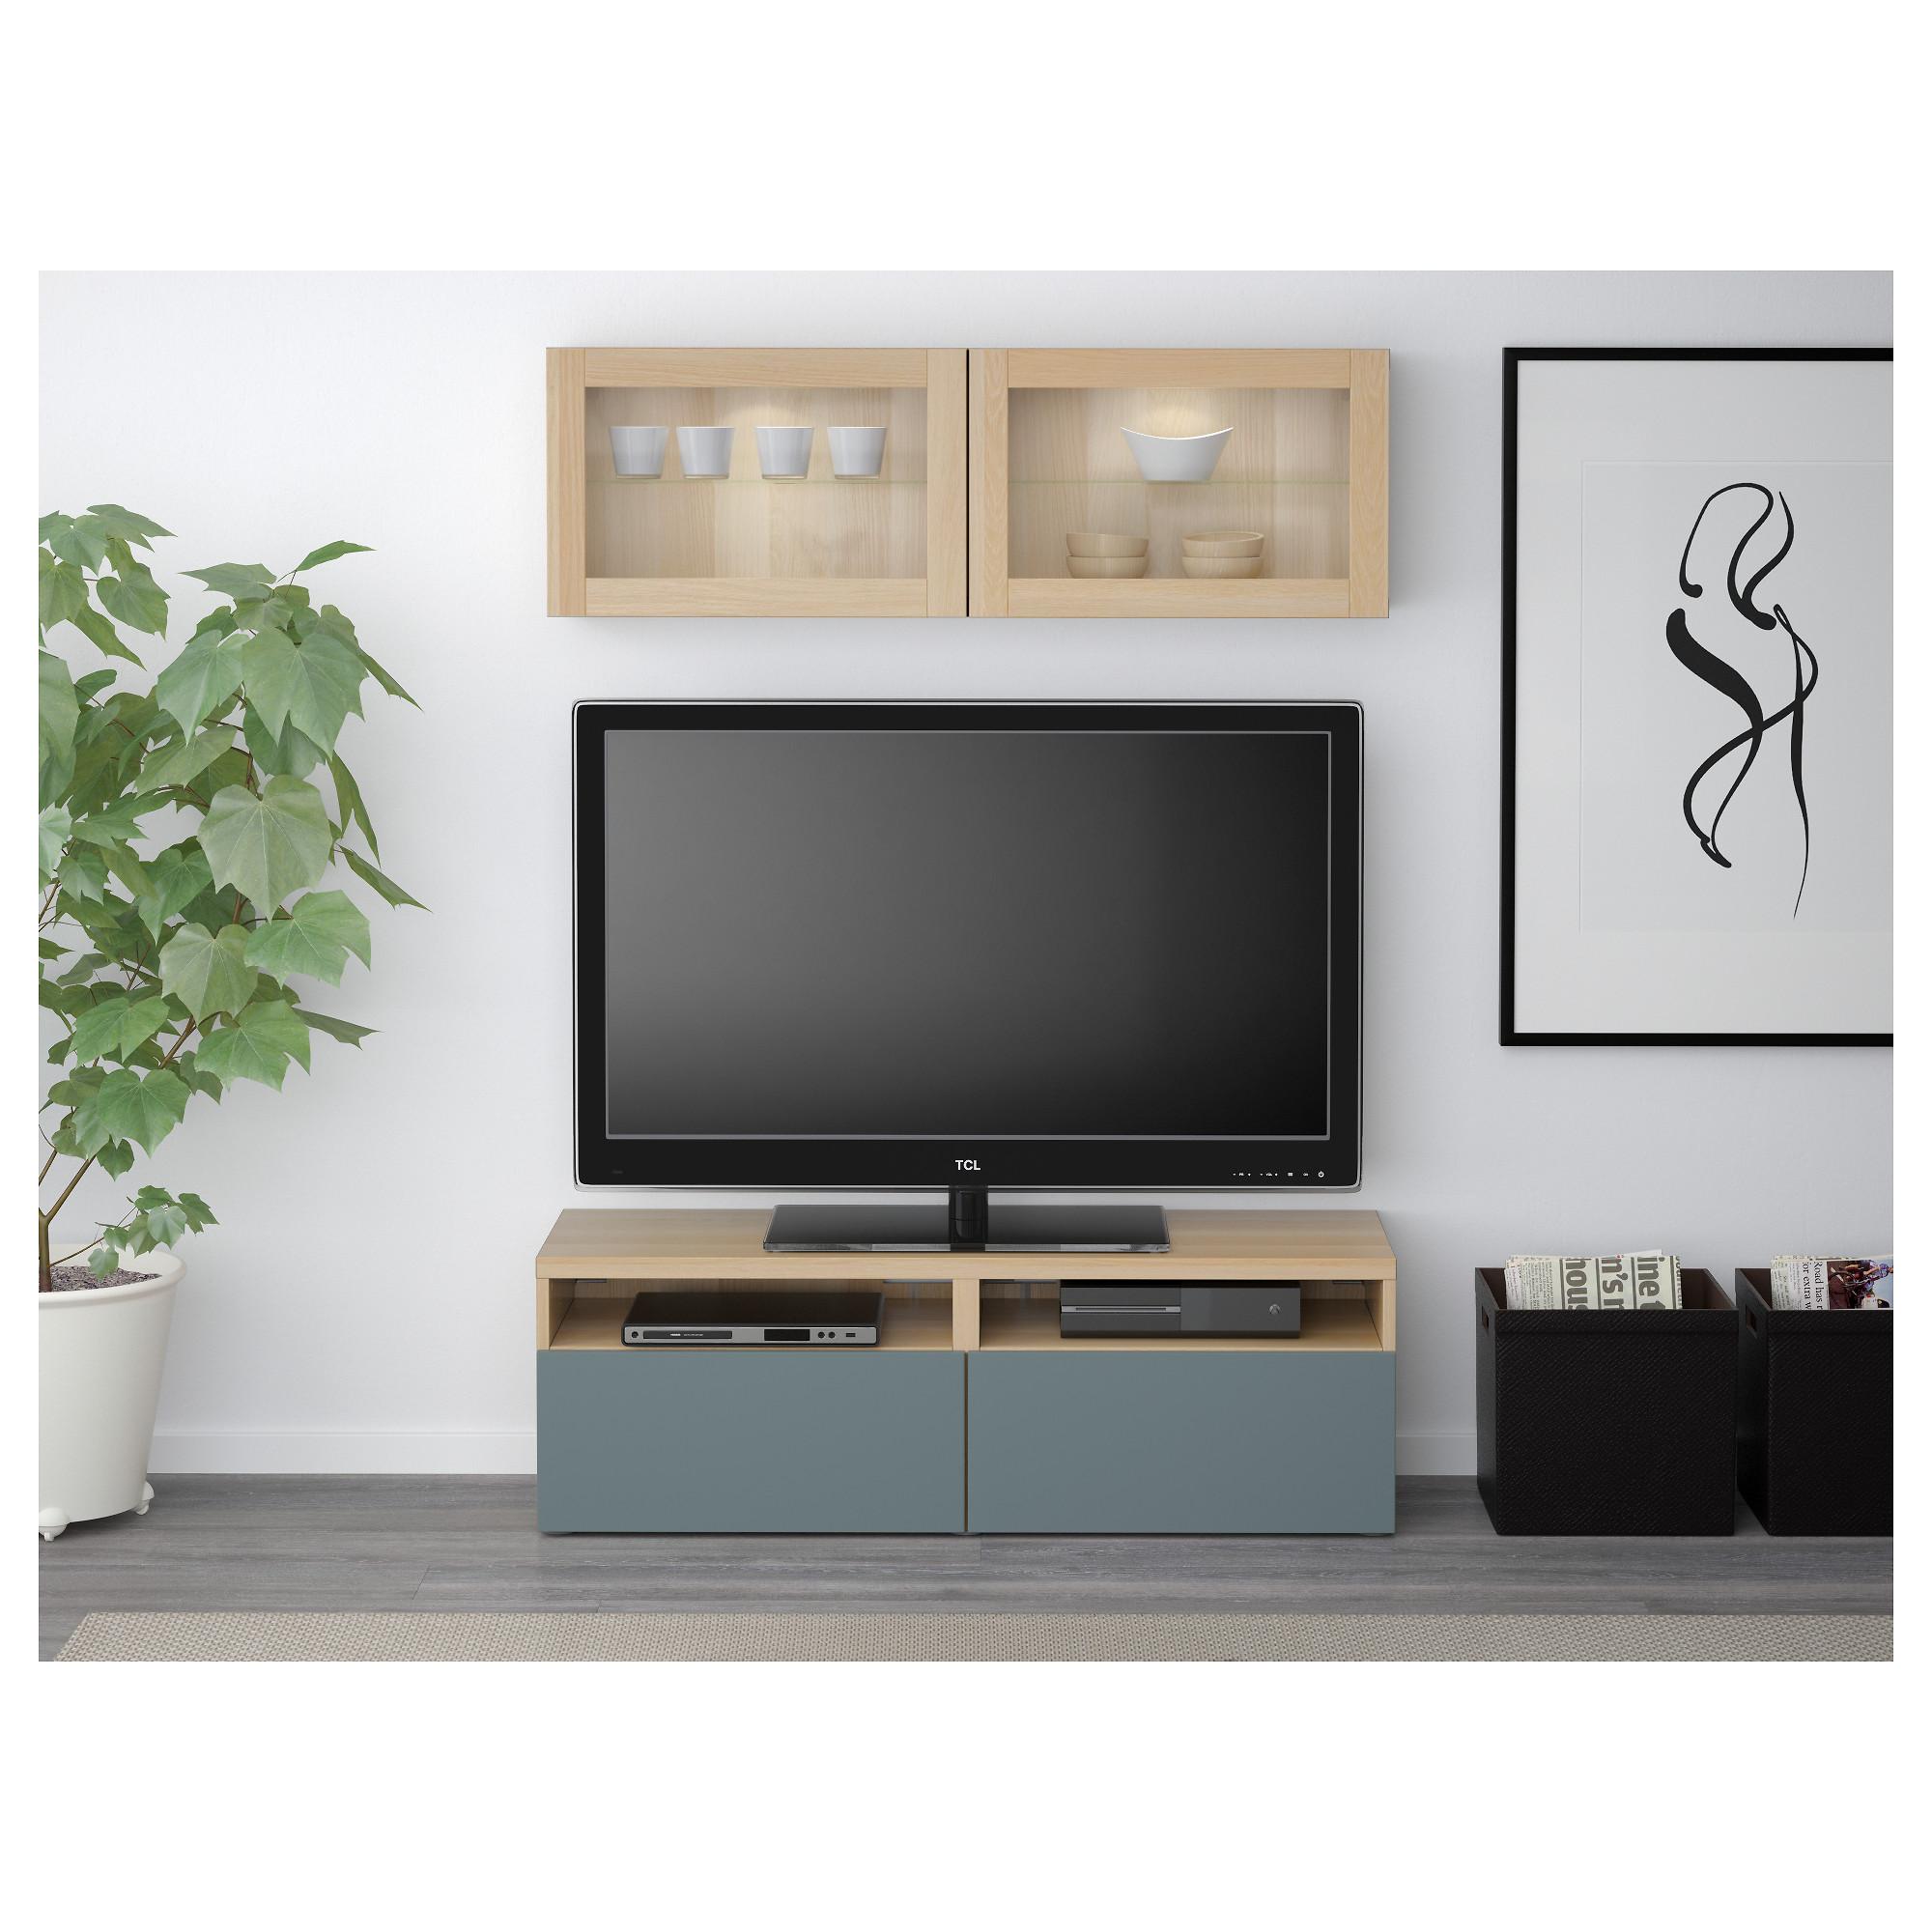 Шкаф для ТВ, комбинированный, стекляные дверцы БЕСТО артикуль № 592.505.01 в наличии. Онлайн каталог IKEA РБ. Недорогая доставка и соборка.